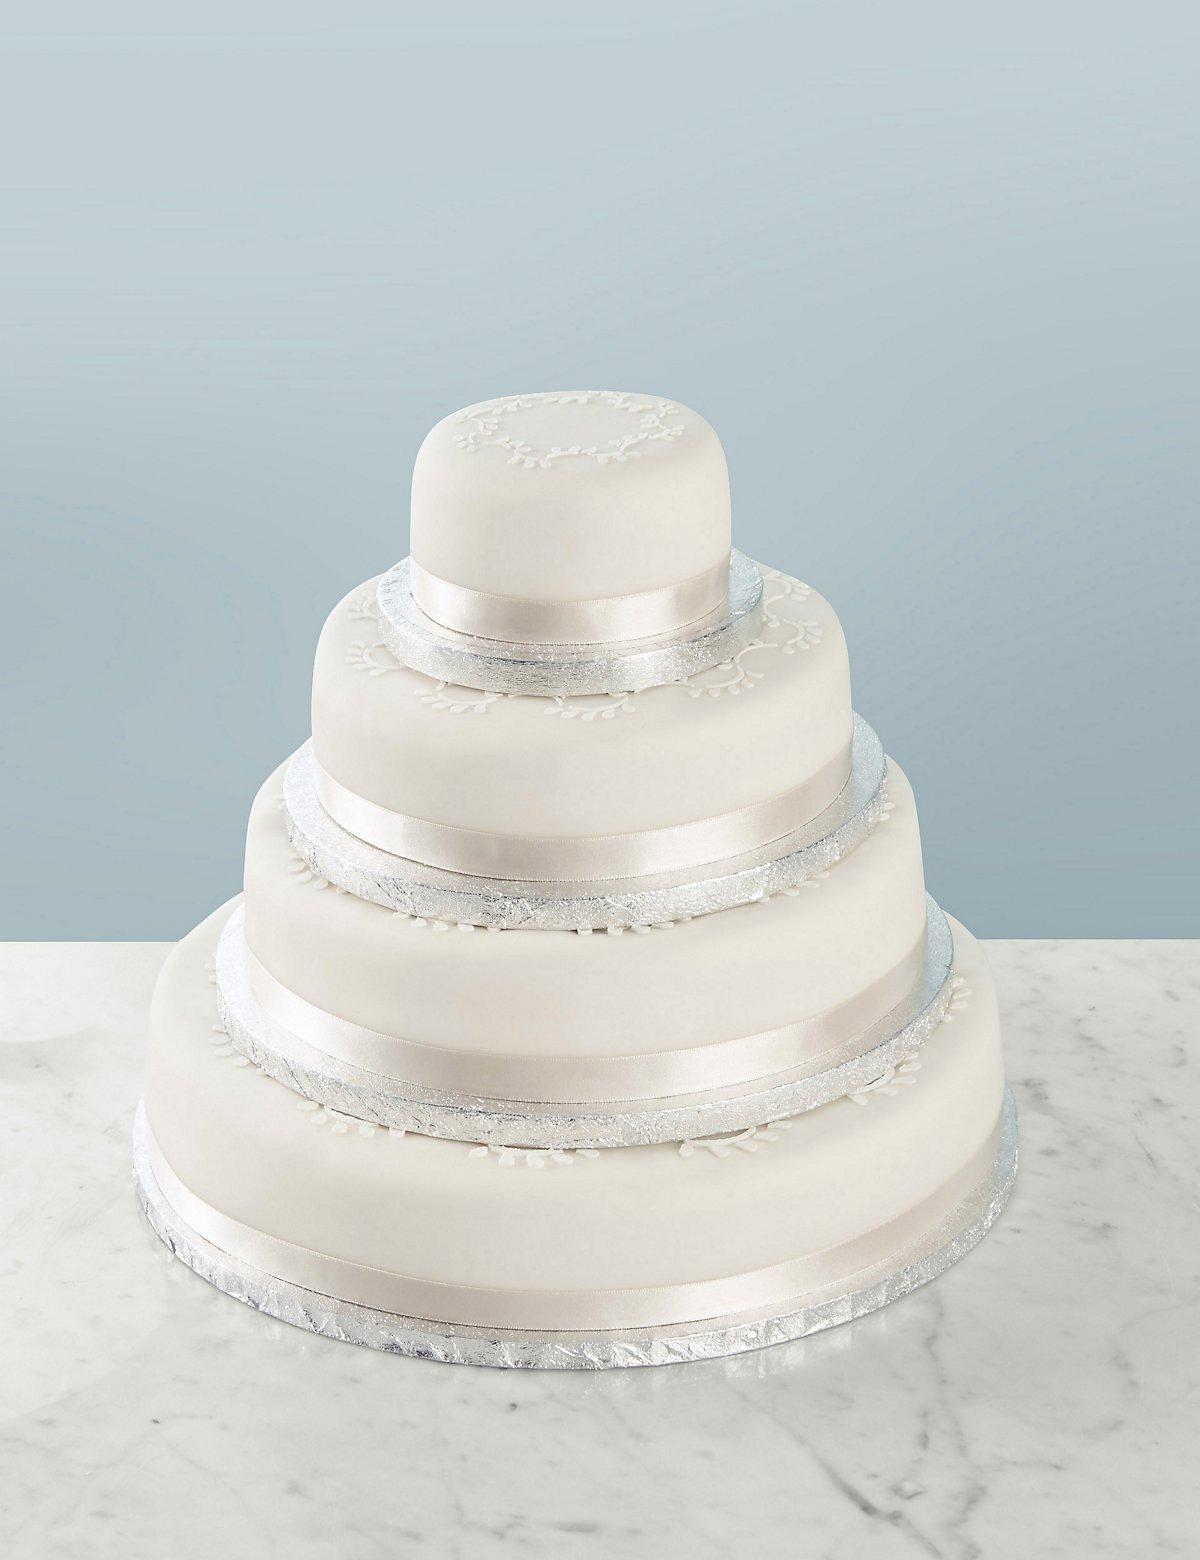 M&S Wedding Cakes